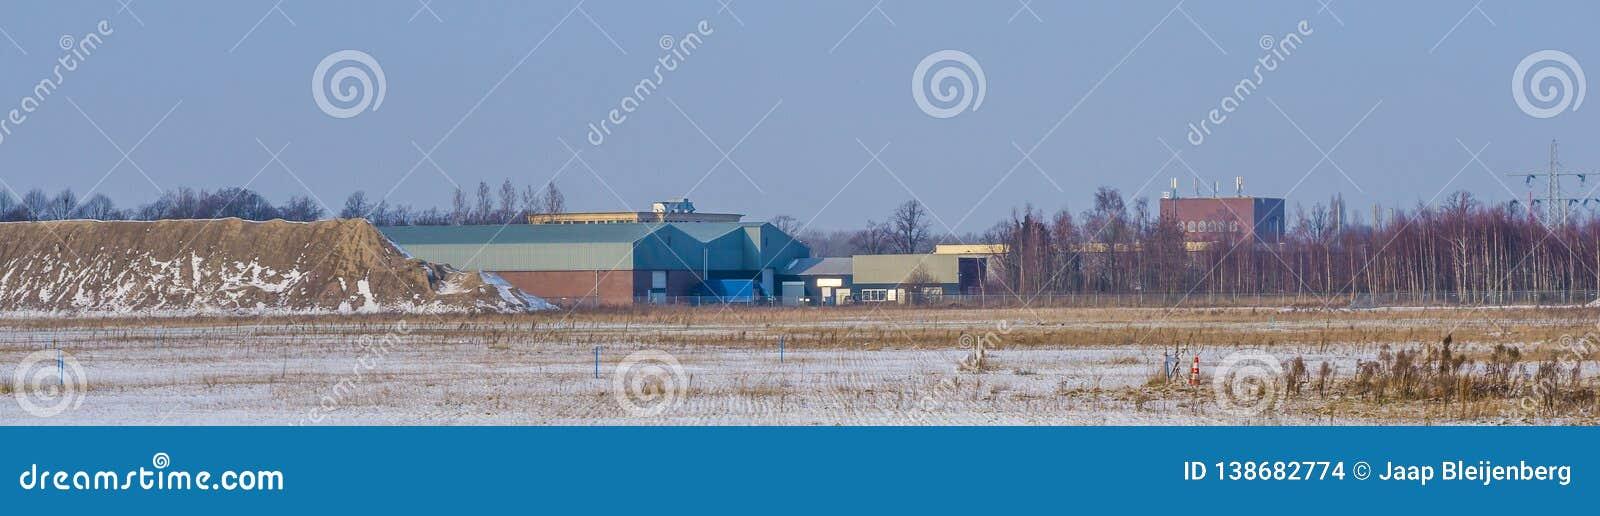 Majoppeveld przemysłu teren Roosendaal holandie, Holenderski przemysłowy krajobraz